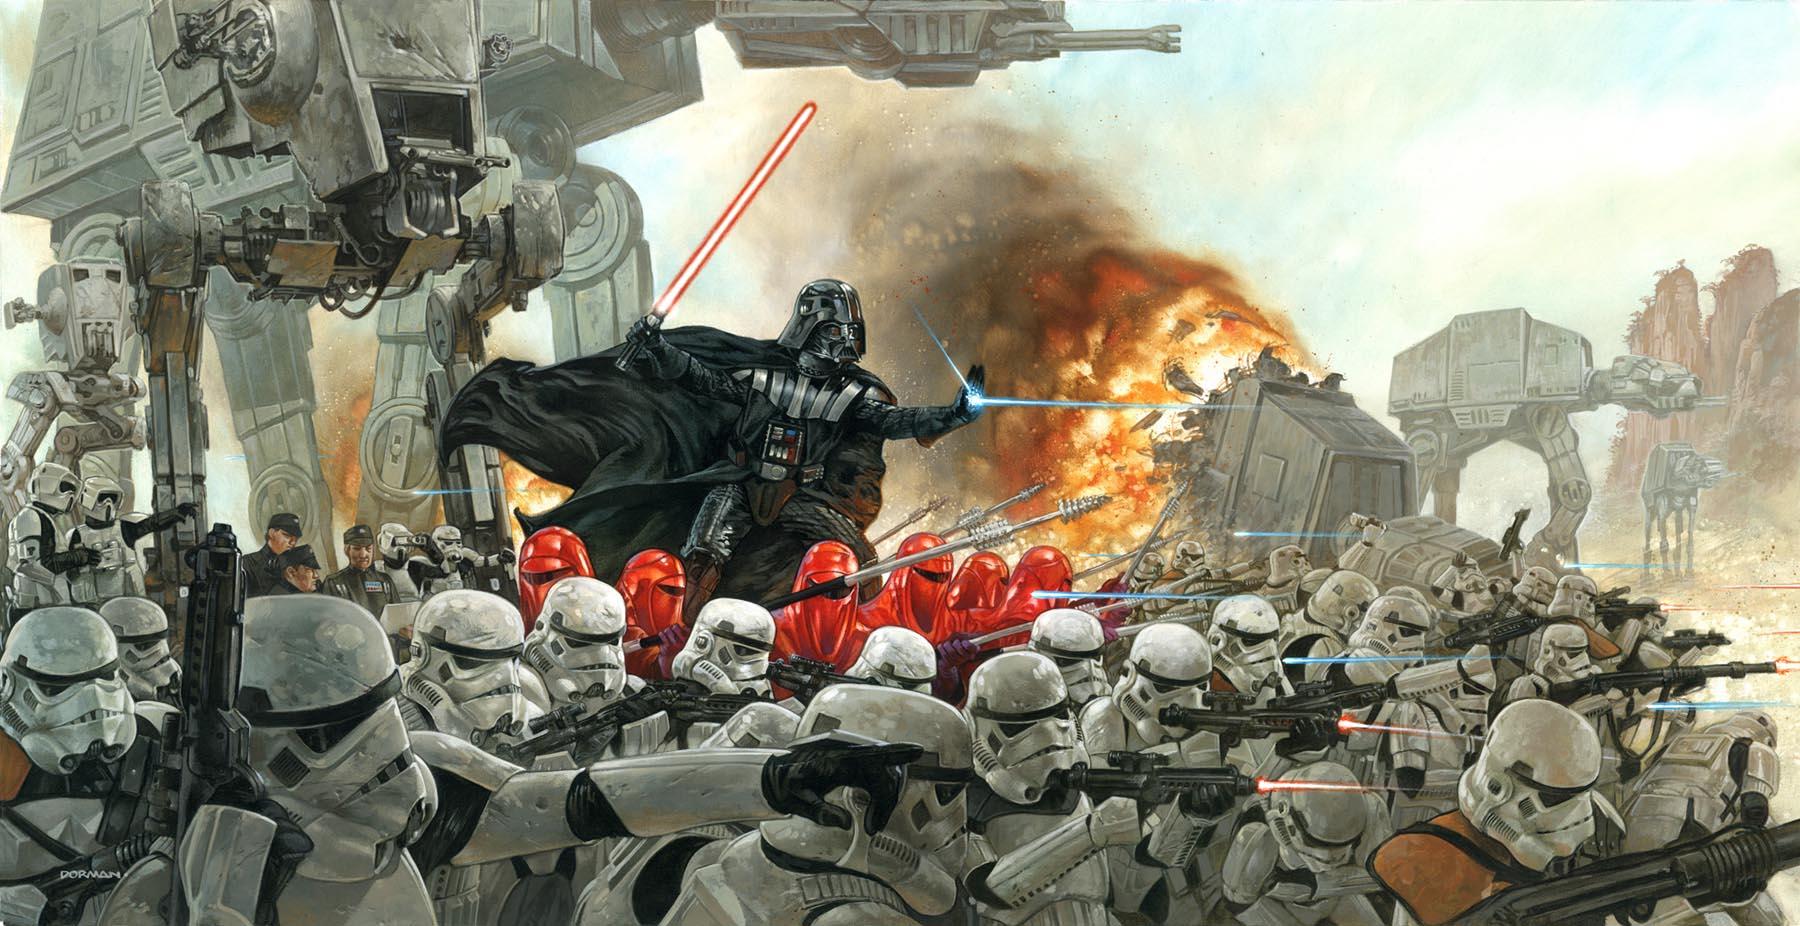 60 Impressive Star Wars Illustrations and Artworks